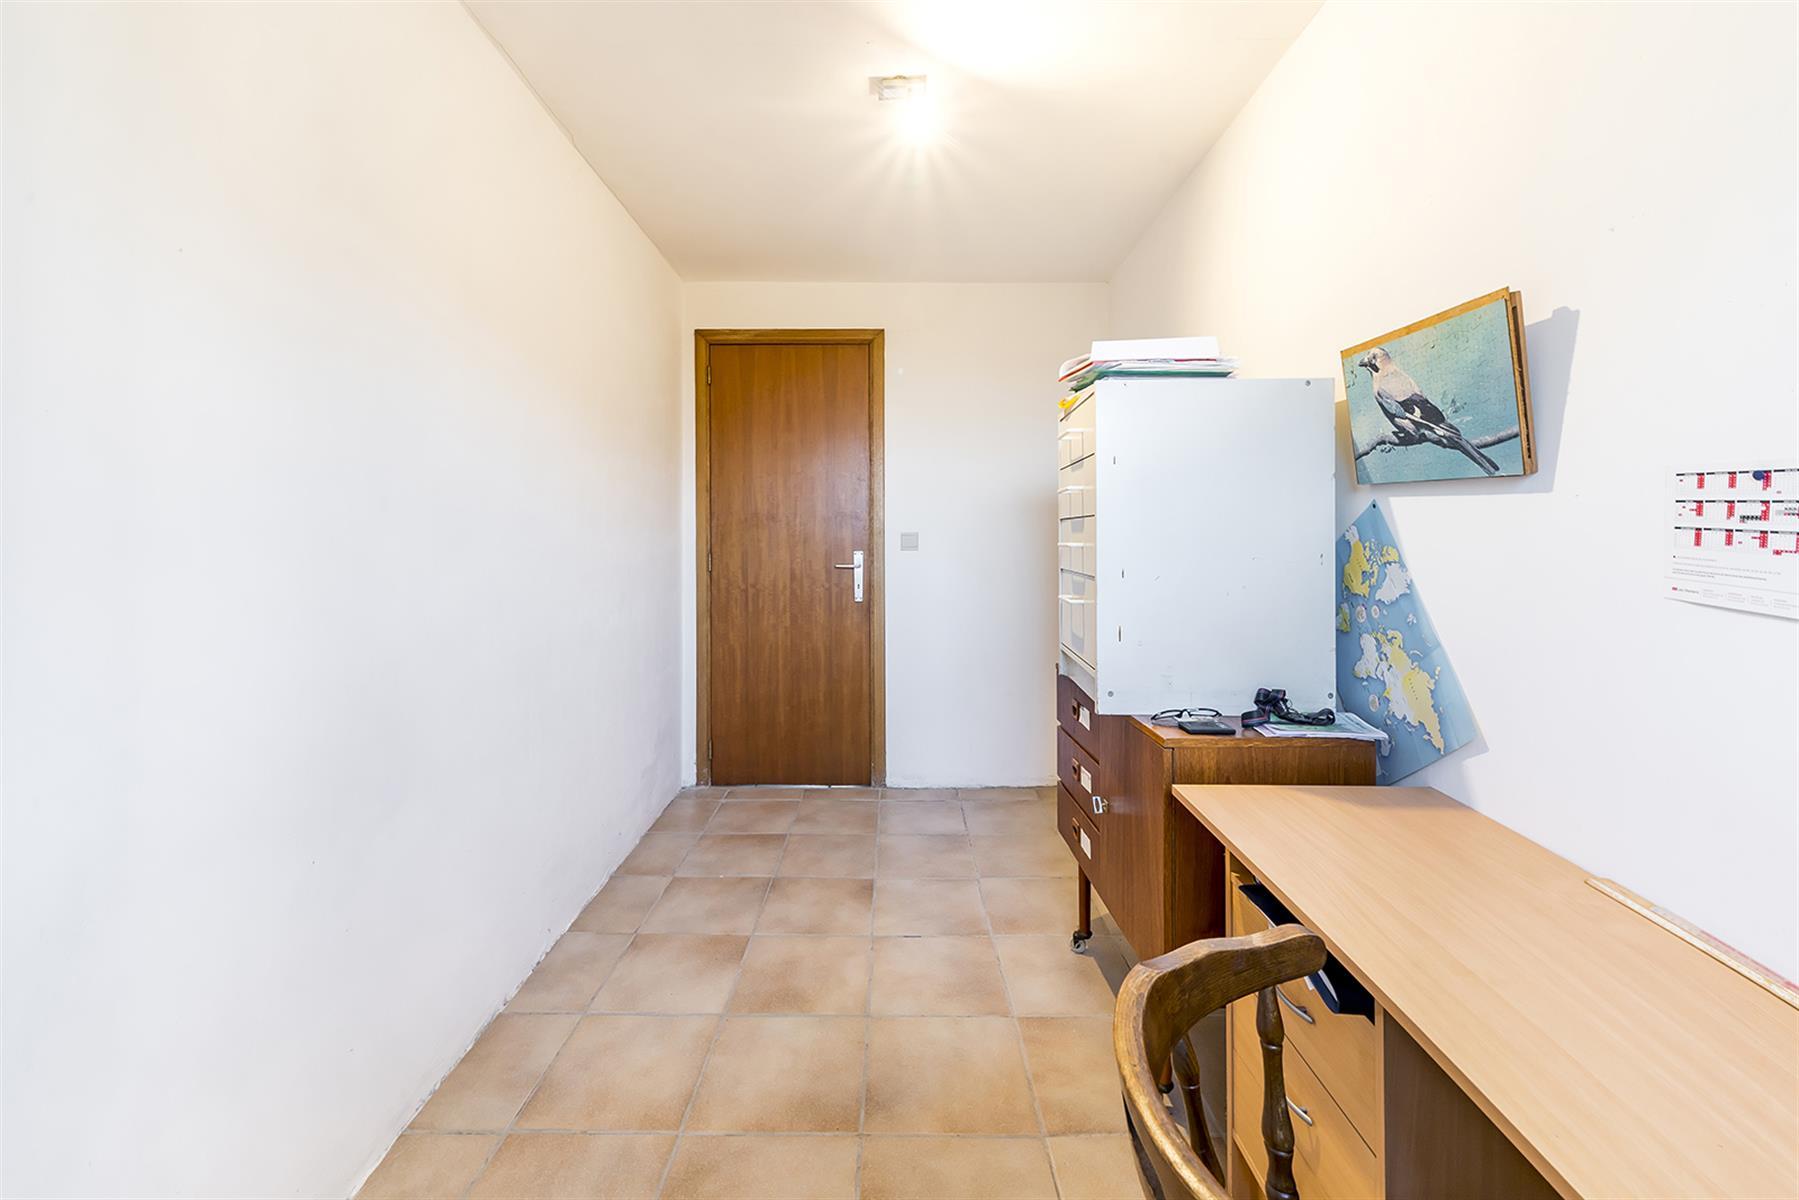 Maison unifamiliale - Orp-Jauche - #3623125-12